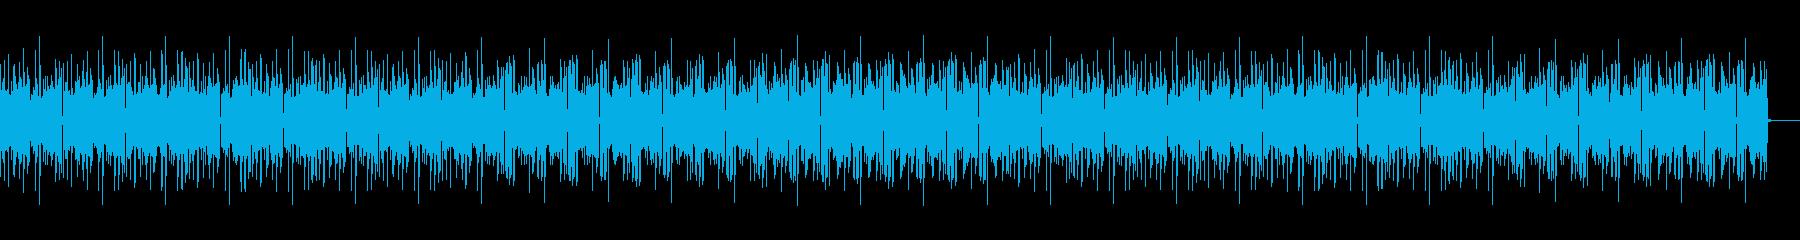 神秘的・抽象的・チルアウト・ヒップホップの再生済みの波形